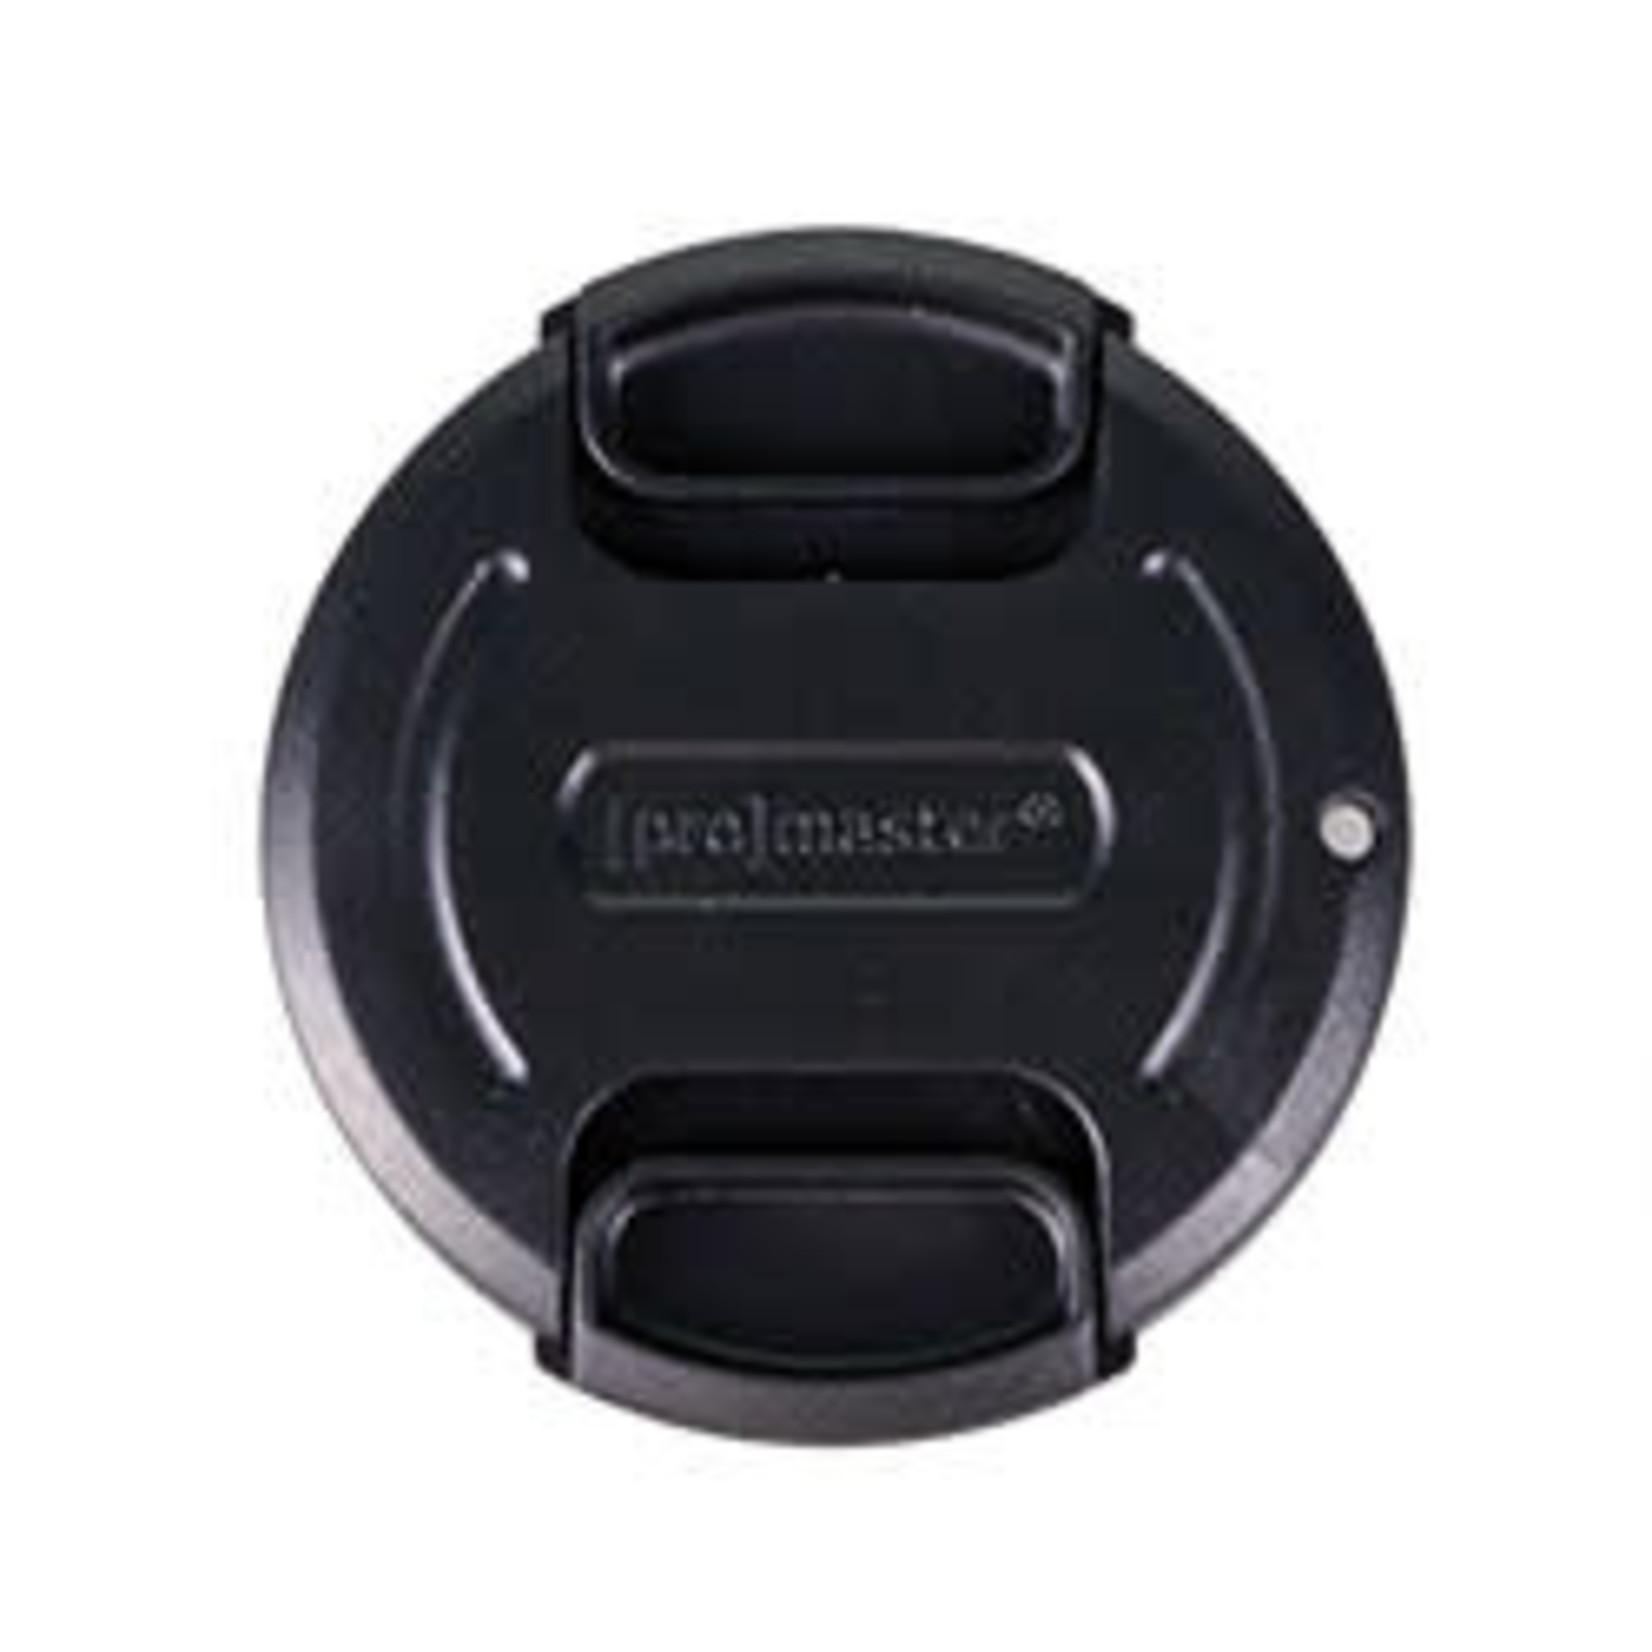 ProMaster Professional Lens Cap 95mm